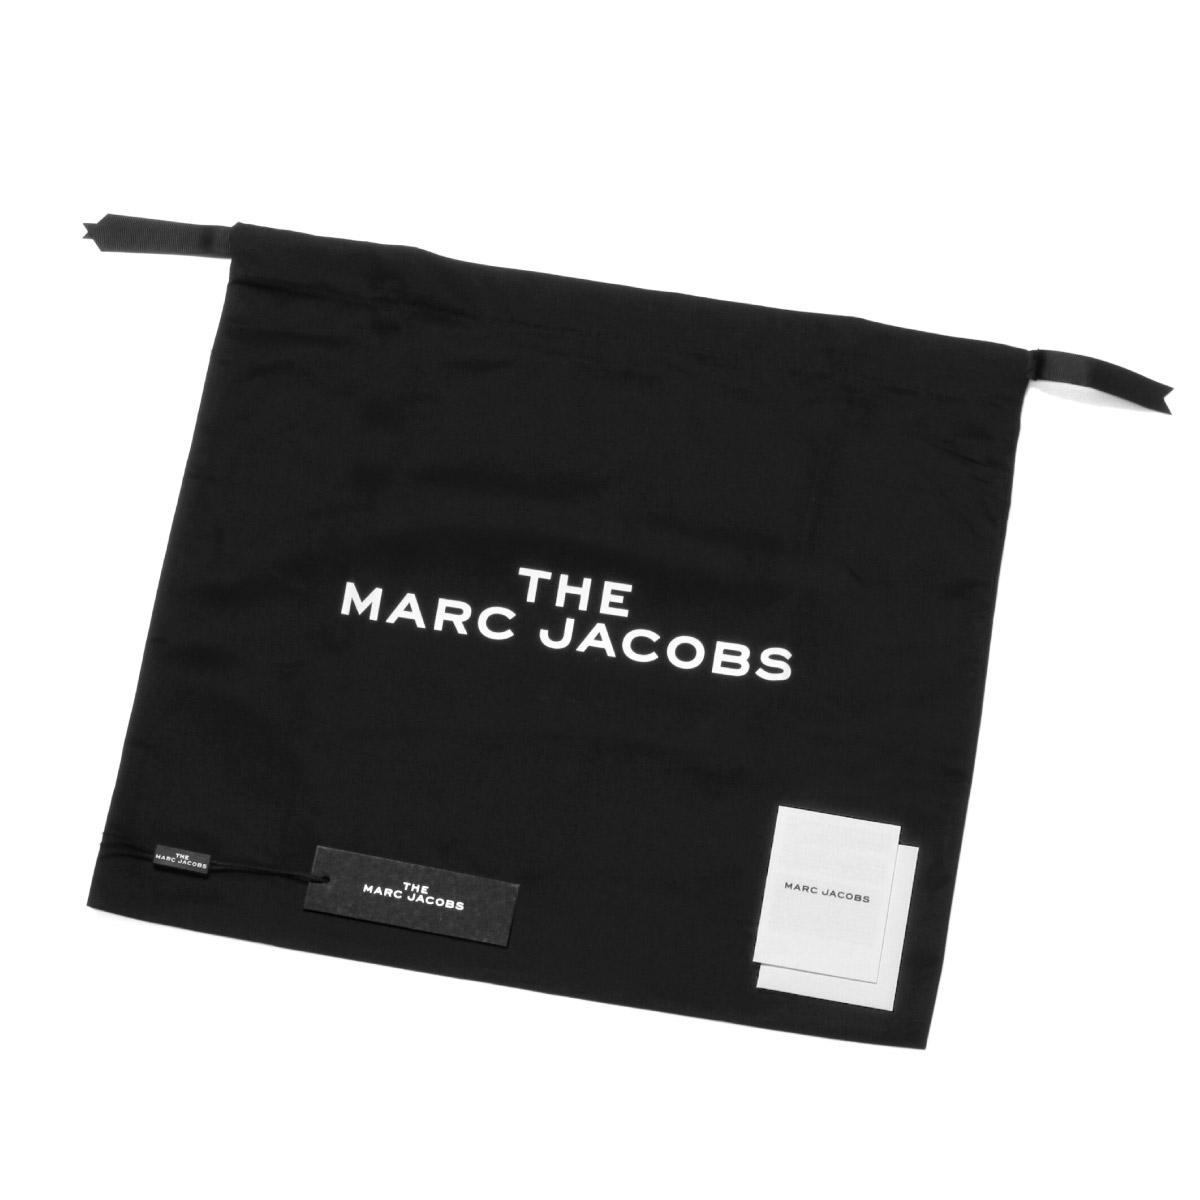 MARC JACOBS マーク ジェイコブス | ショルダーバッグ | THE STATUS ザ ステータス